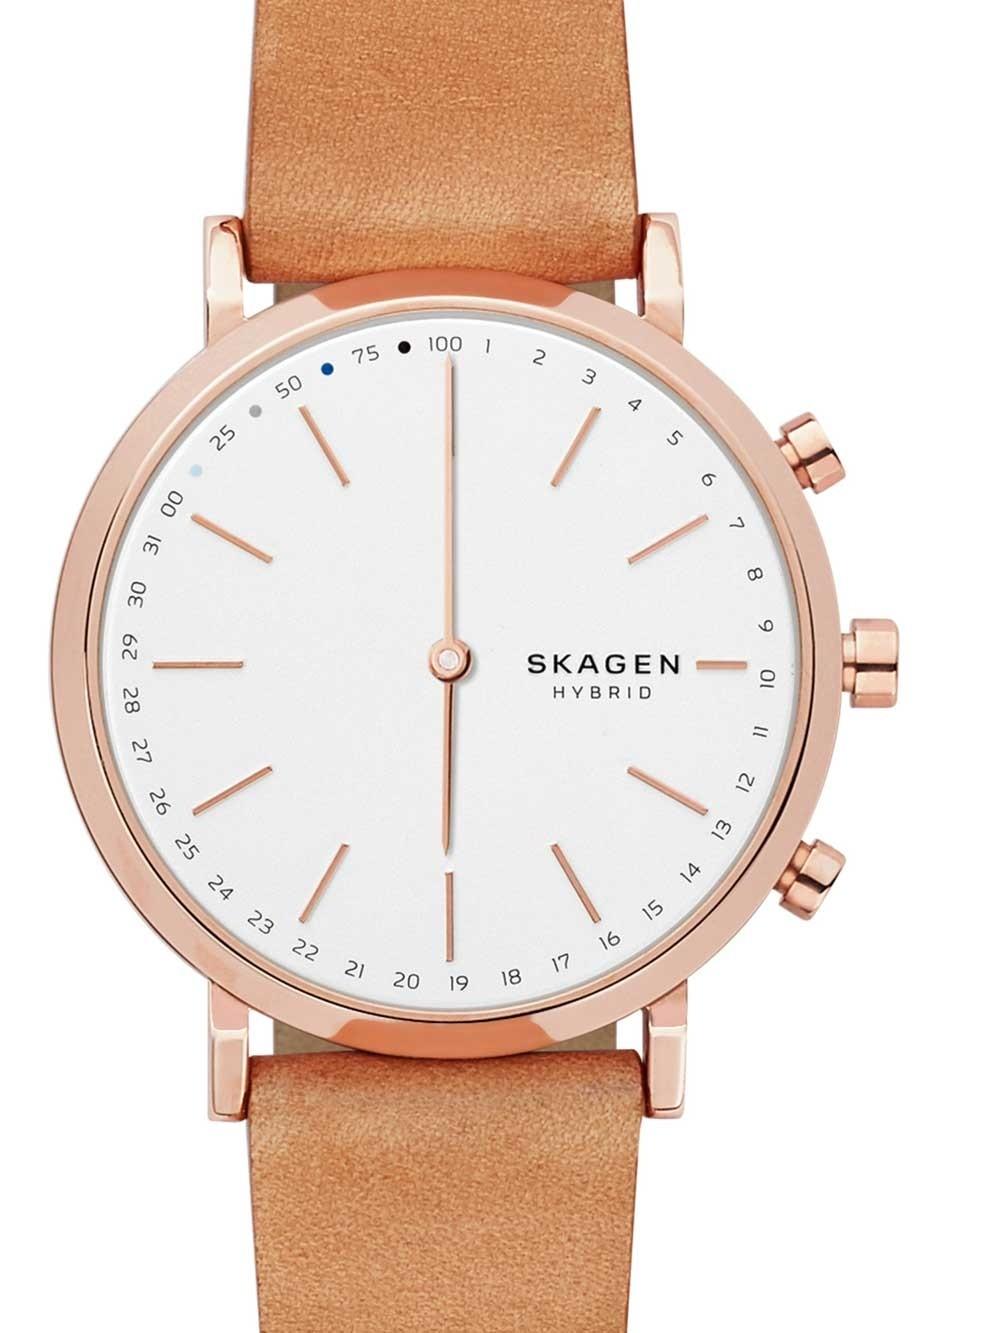 ceas unisex skagen skt1204 ca hald rose gold hybrid smartwatch 40mm 3atm